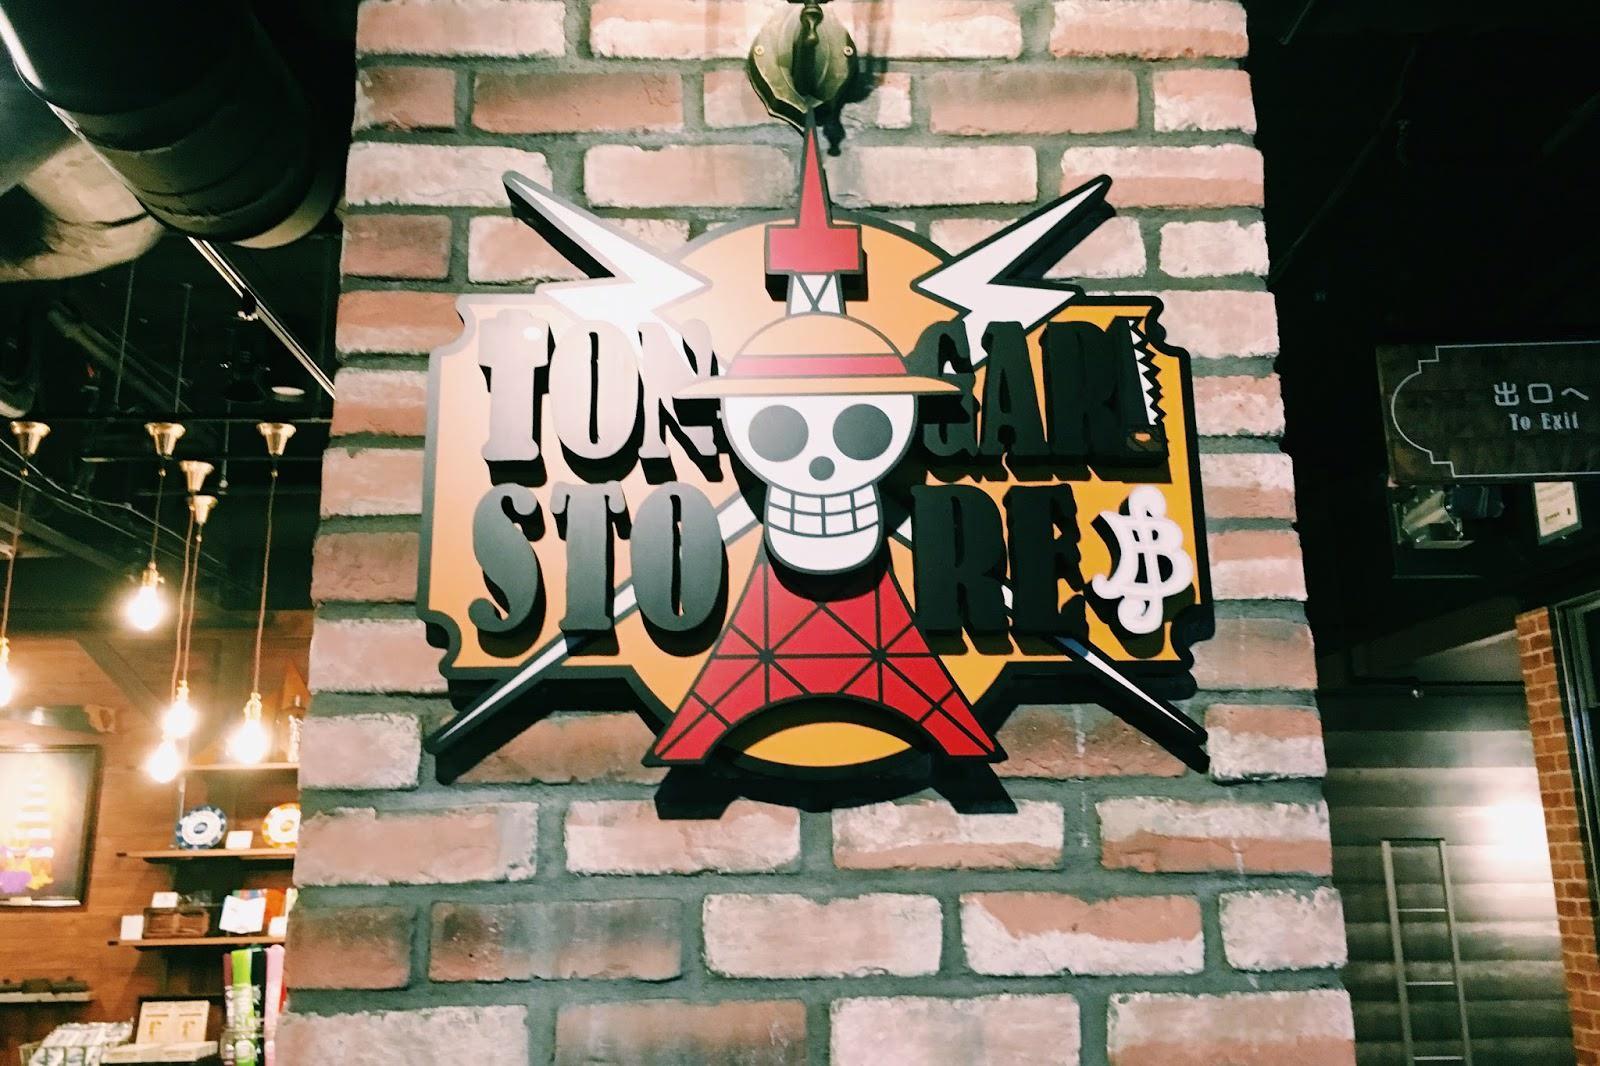 東京旅行|One piece海賊迷必去!可以待一下午的東京鐵塔海賊王樂園